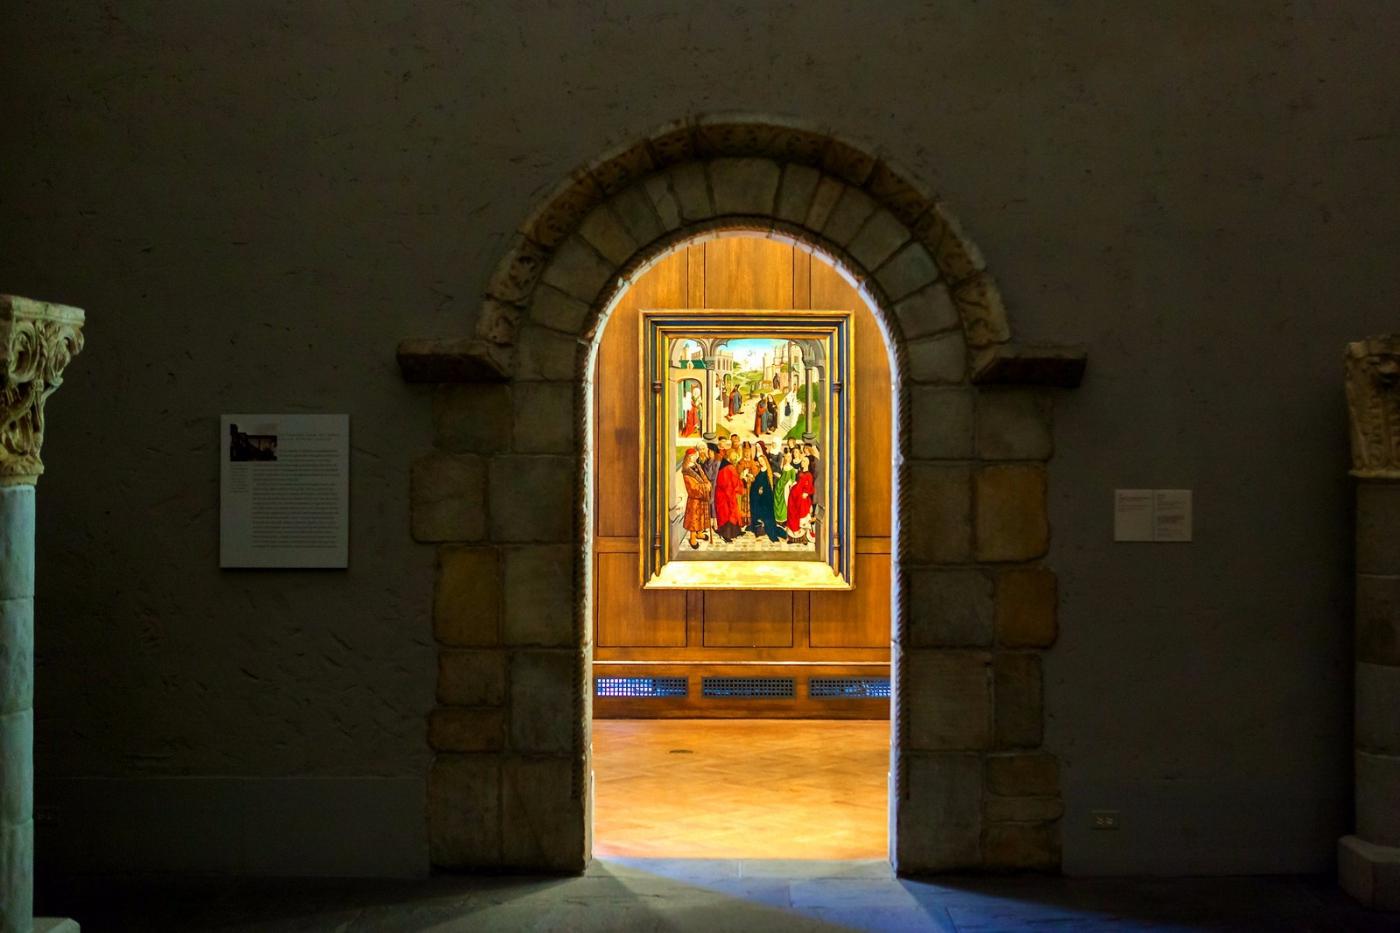 费城艺术馆,光影下的艺术品_图1-2